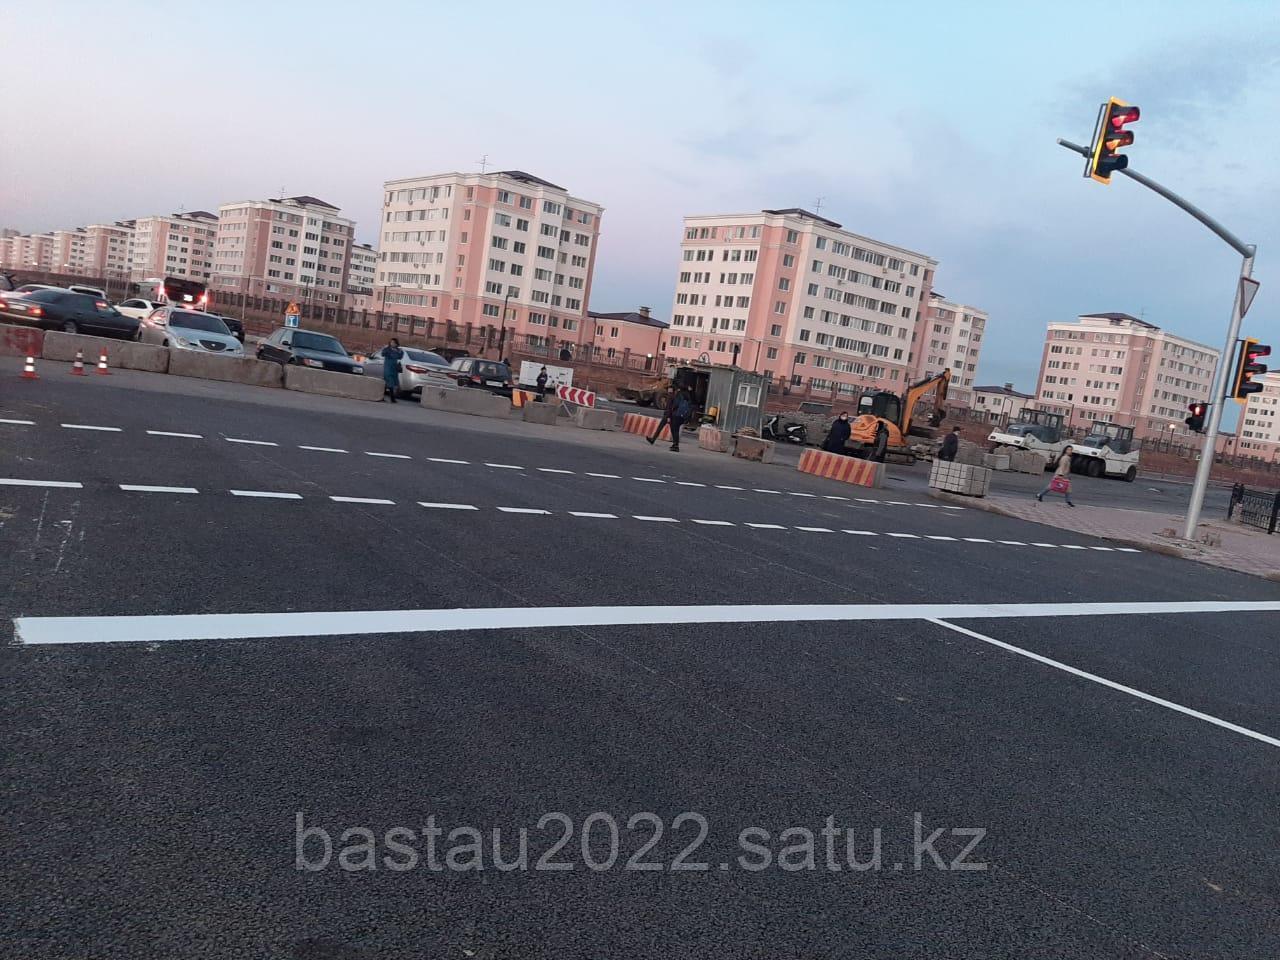 Нанесение дорожной разметки холодным пластиком в городах Нур-Султан, Алматы, Шымкент